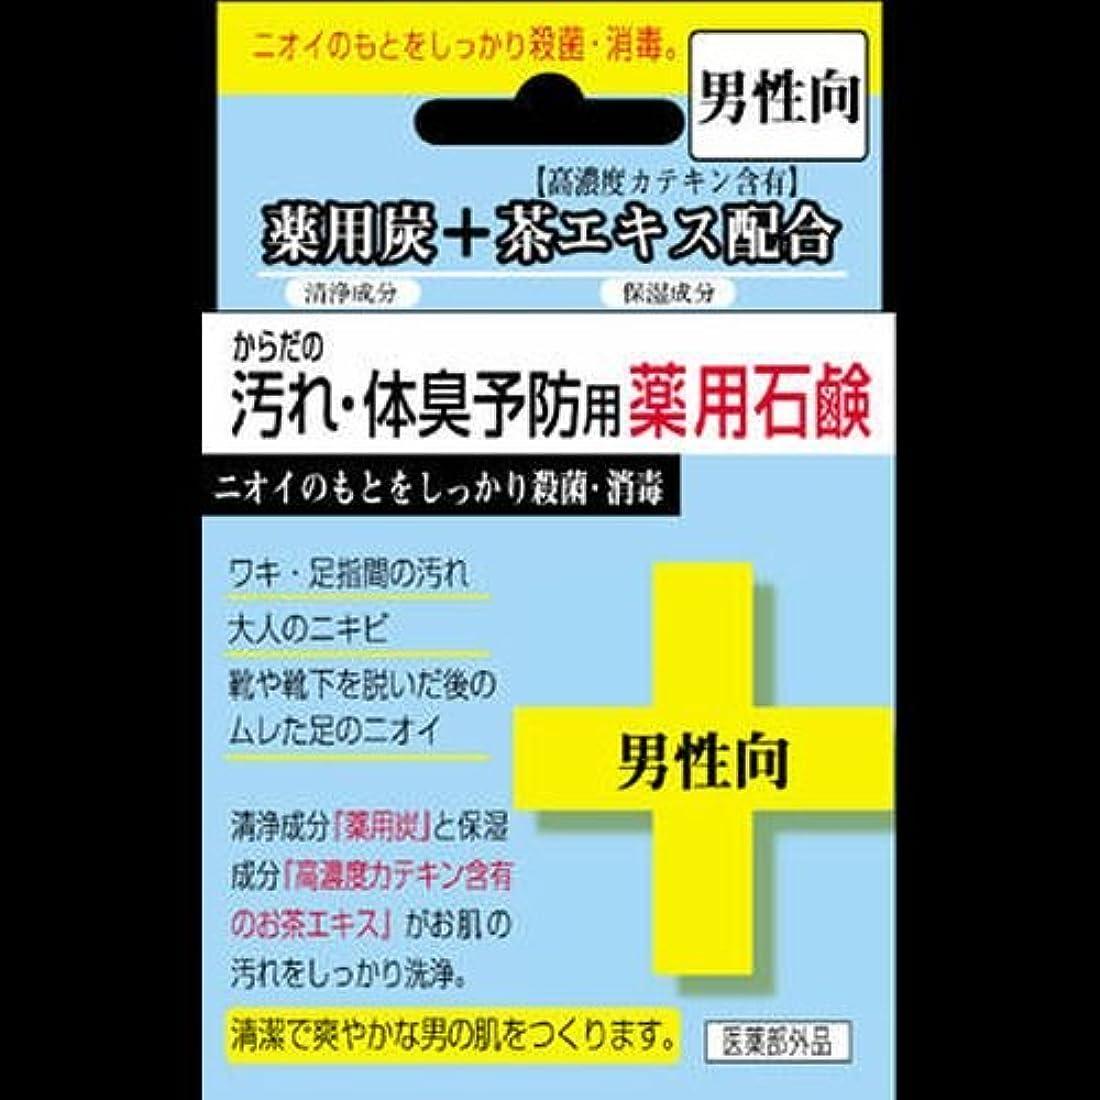 大理石祖母自然公園【まとめ買い】からだの汚れ?体臭予防薬用石鹸 男性向け 80g ×2セット